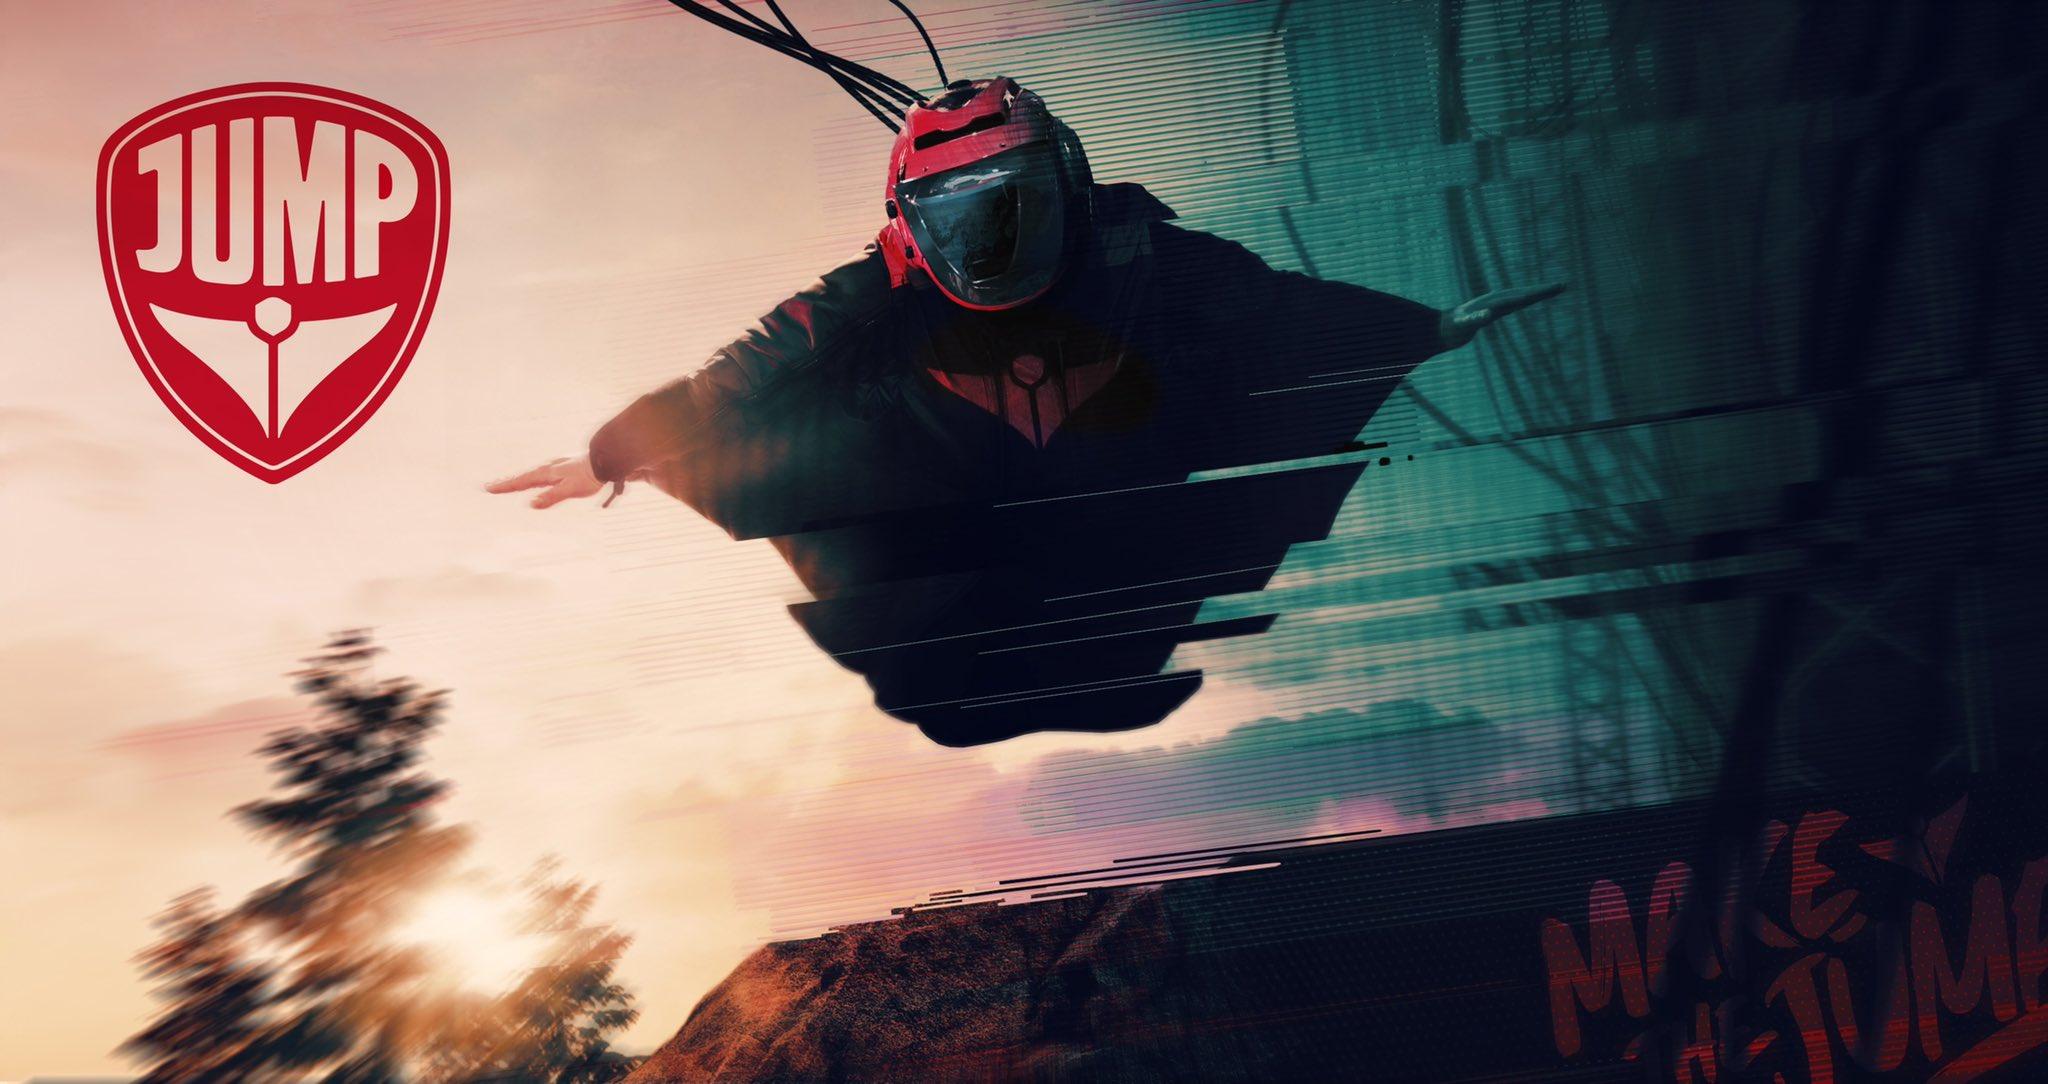 VR娱乐公司The VOID将于11月推出JUMP模拟翼装飞行项目